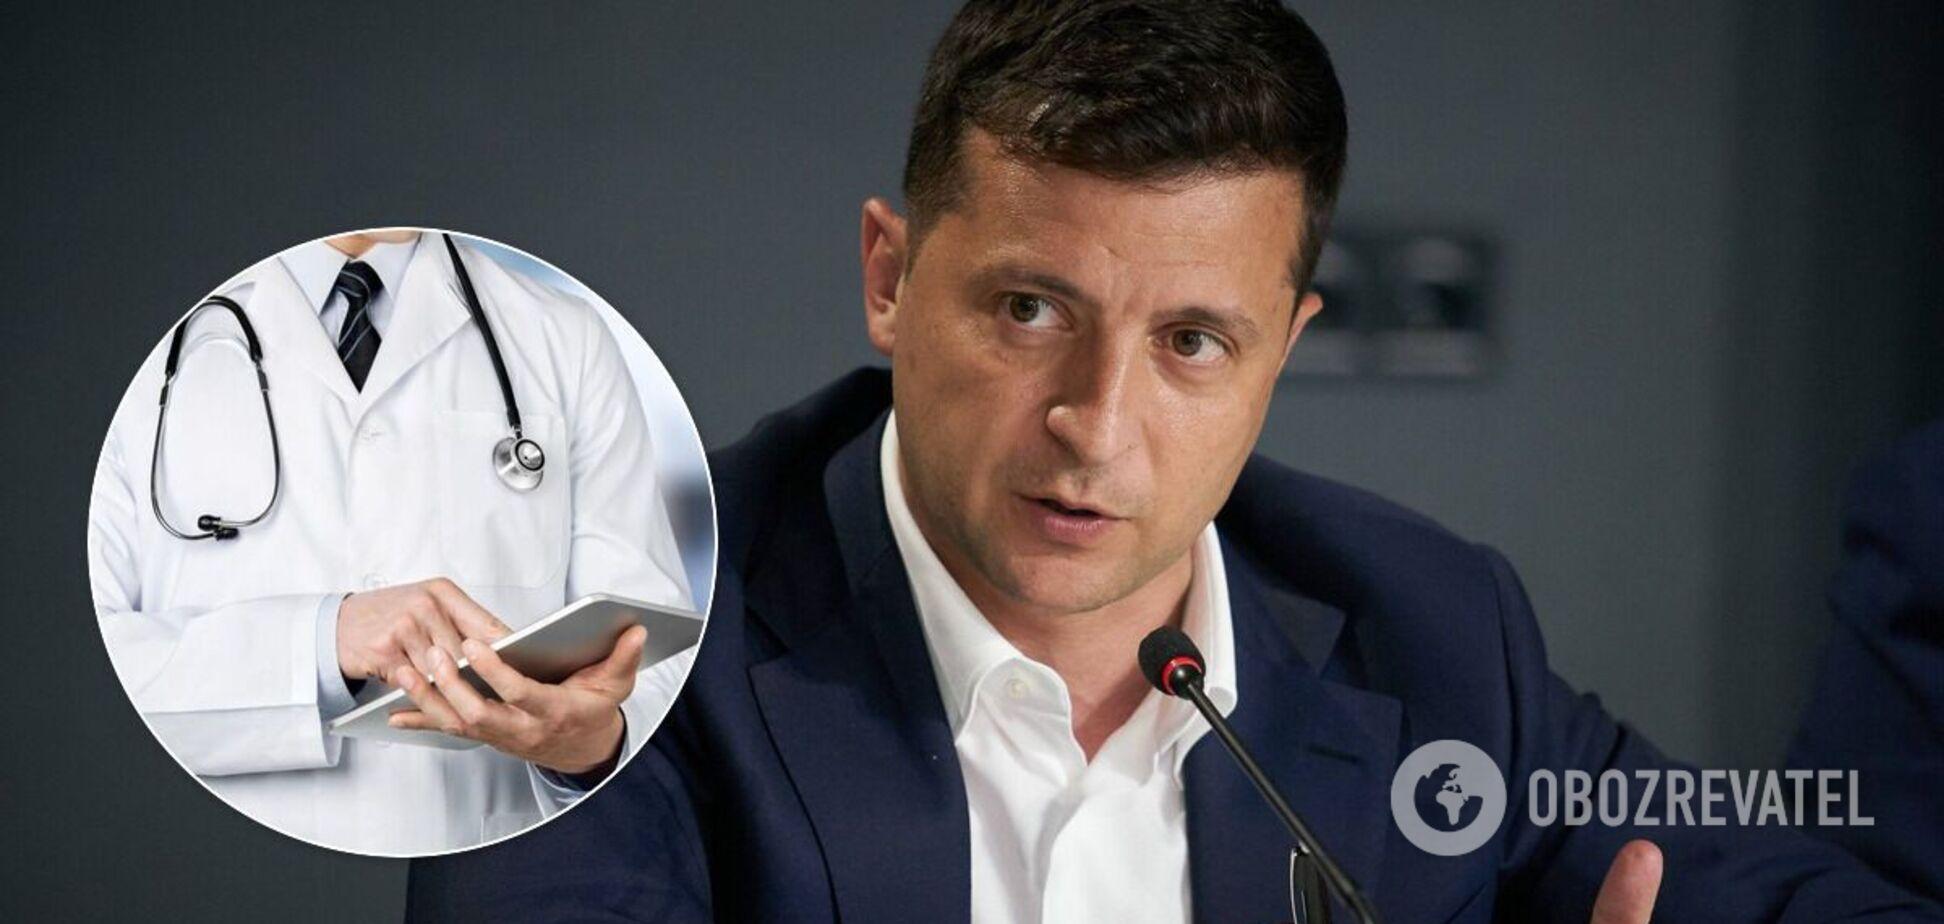 Зеленський анонсував зміну медреформи та назвав терміни